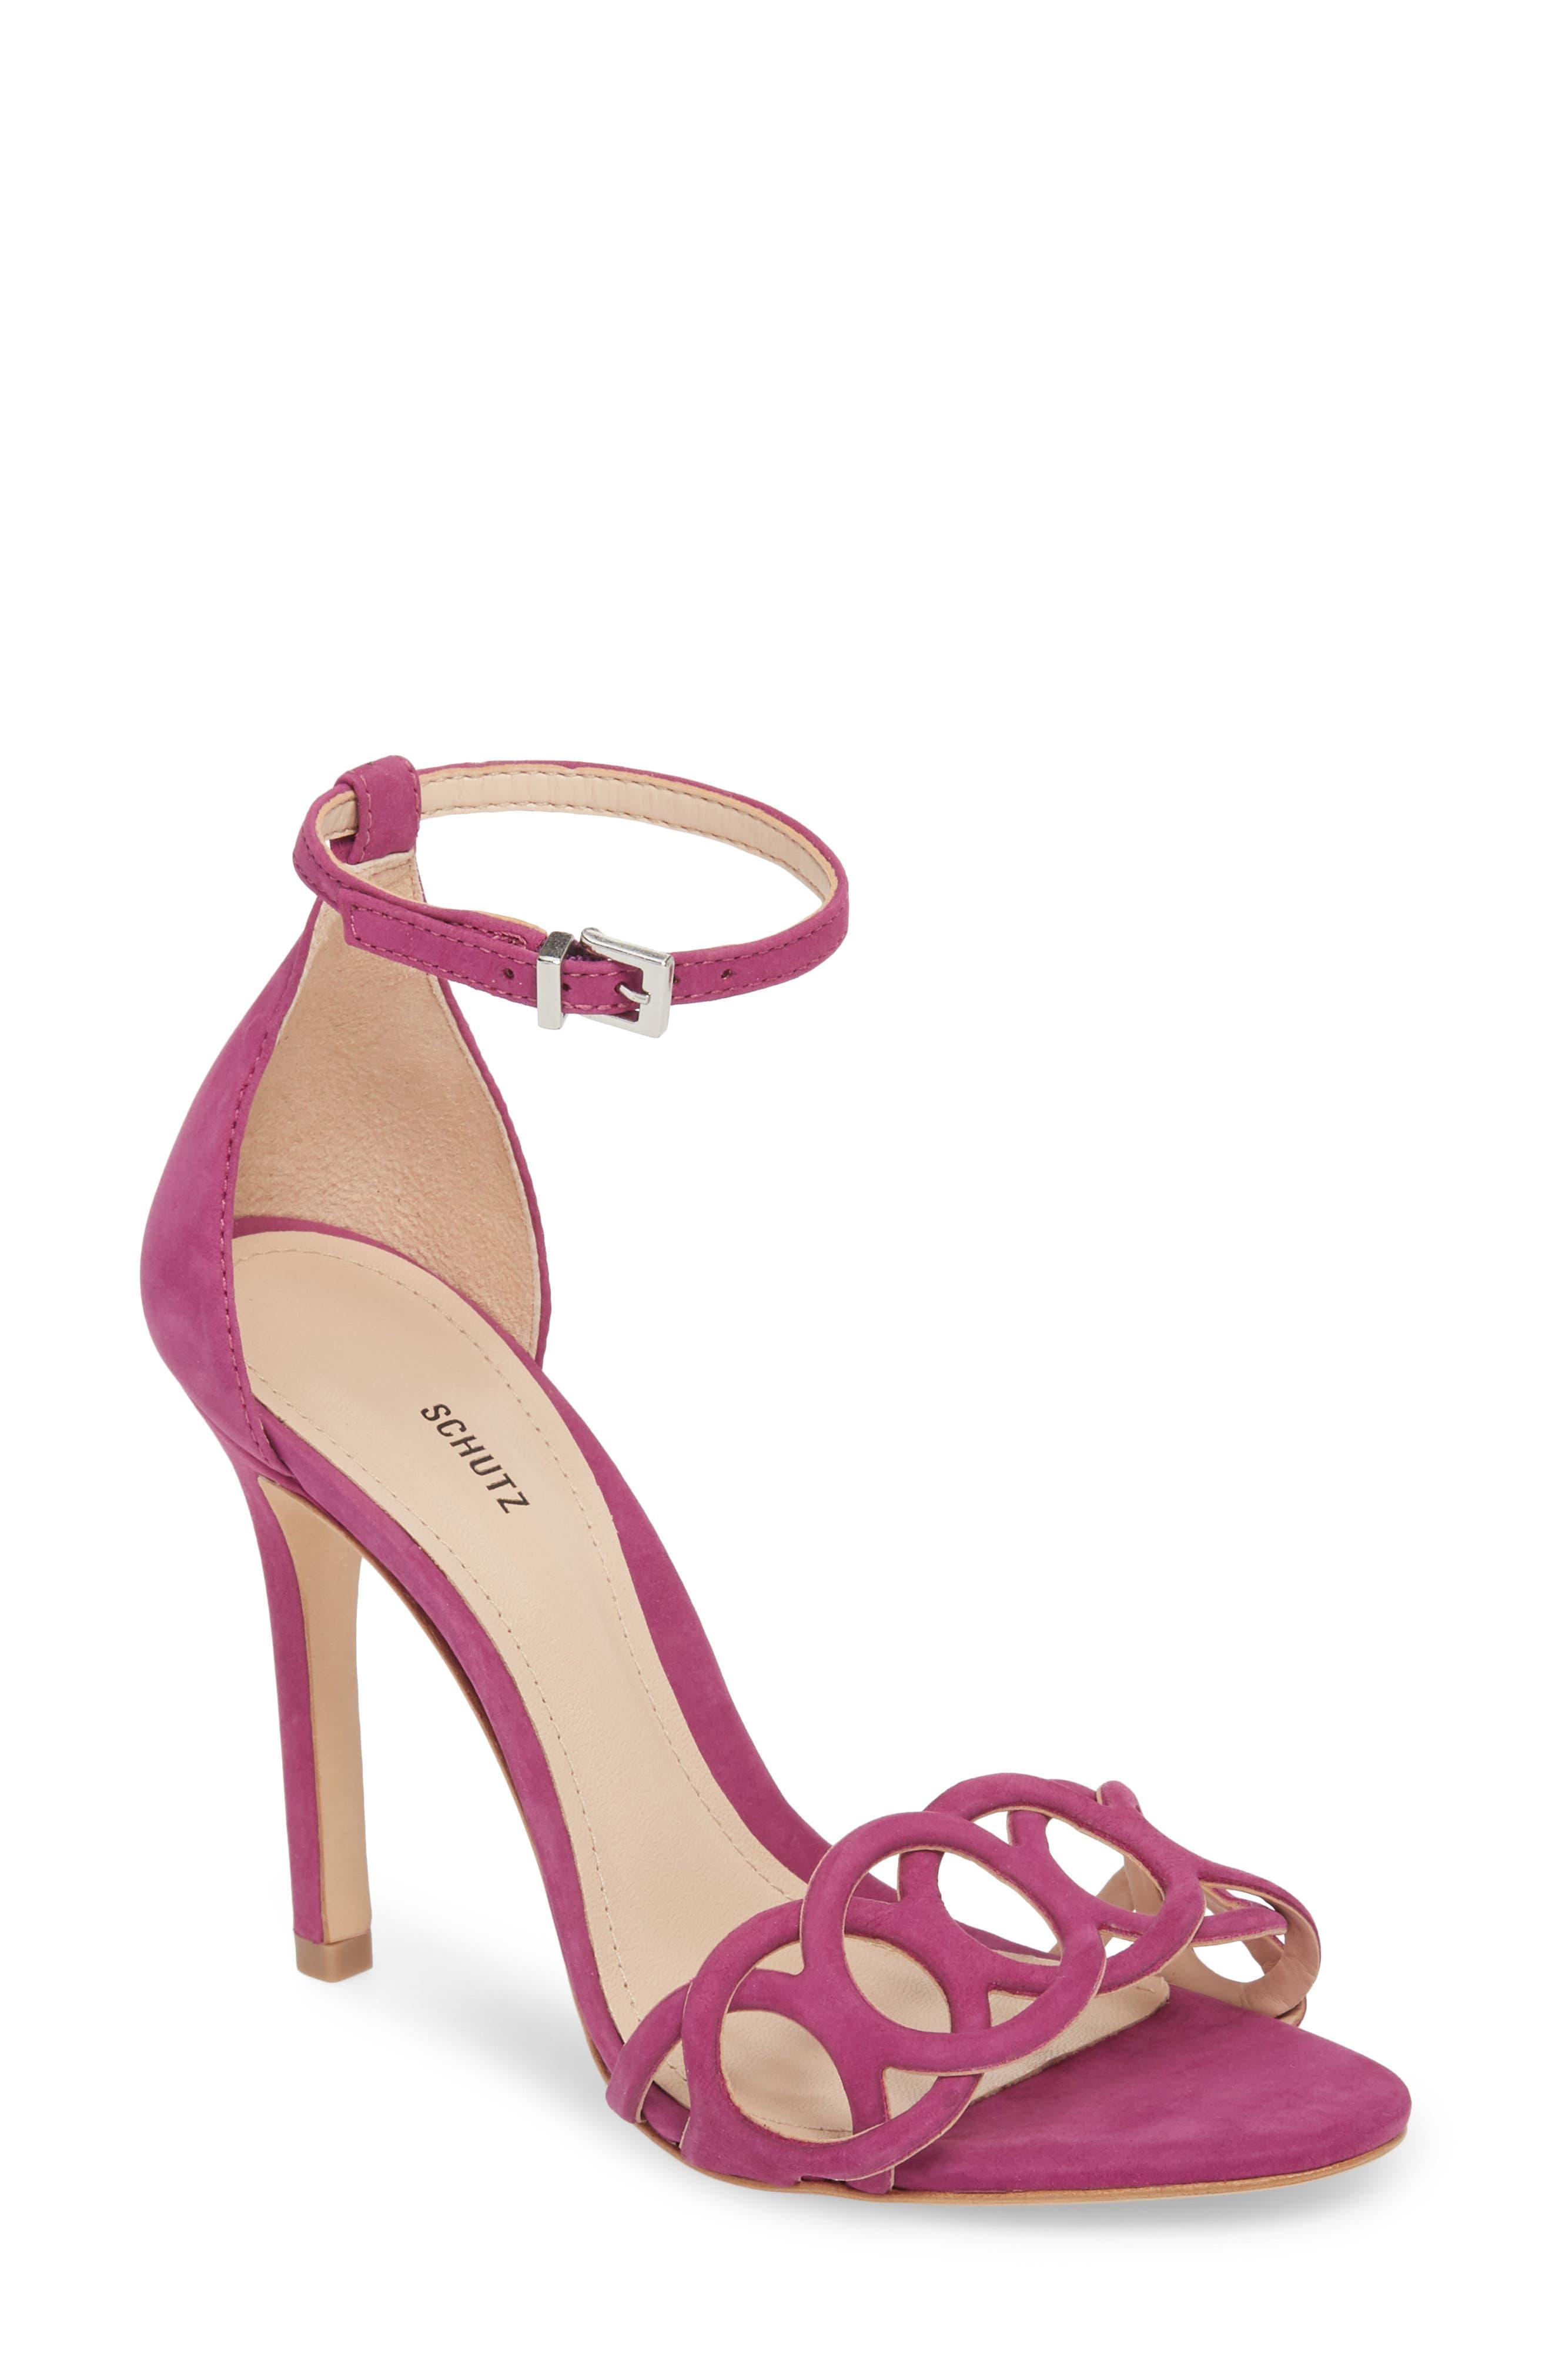 Sthefany Ankle Strap Sandal by Schutz